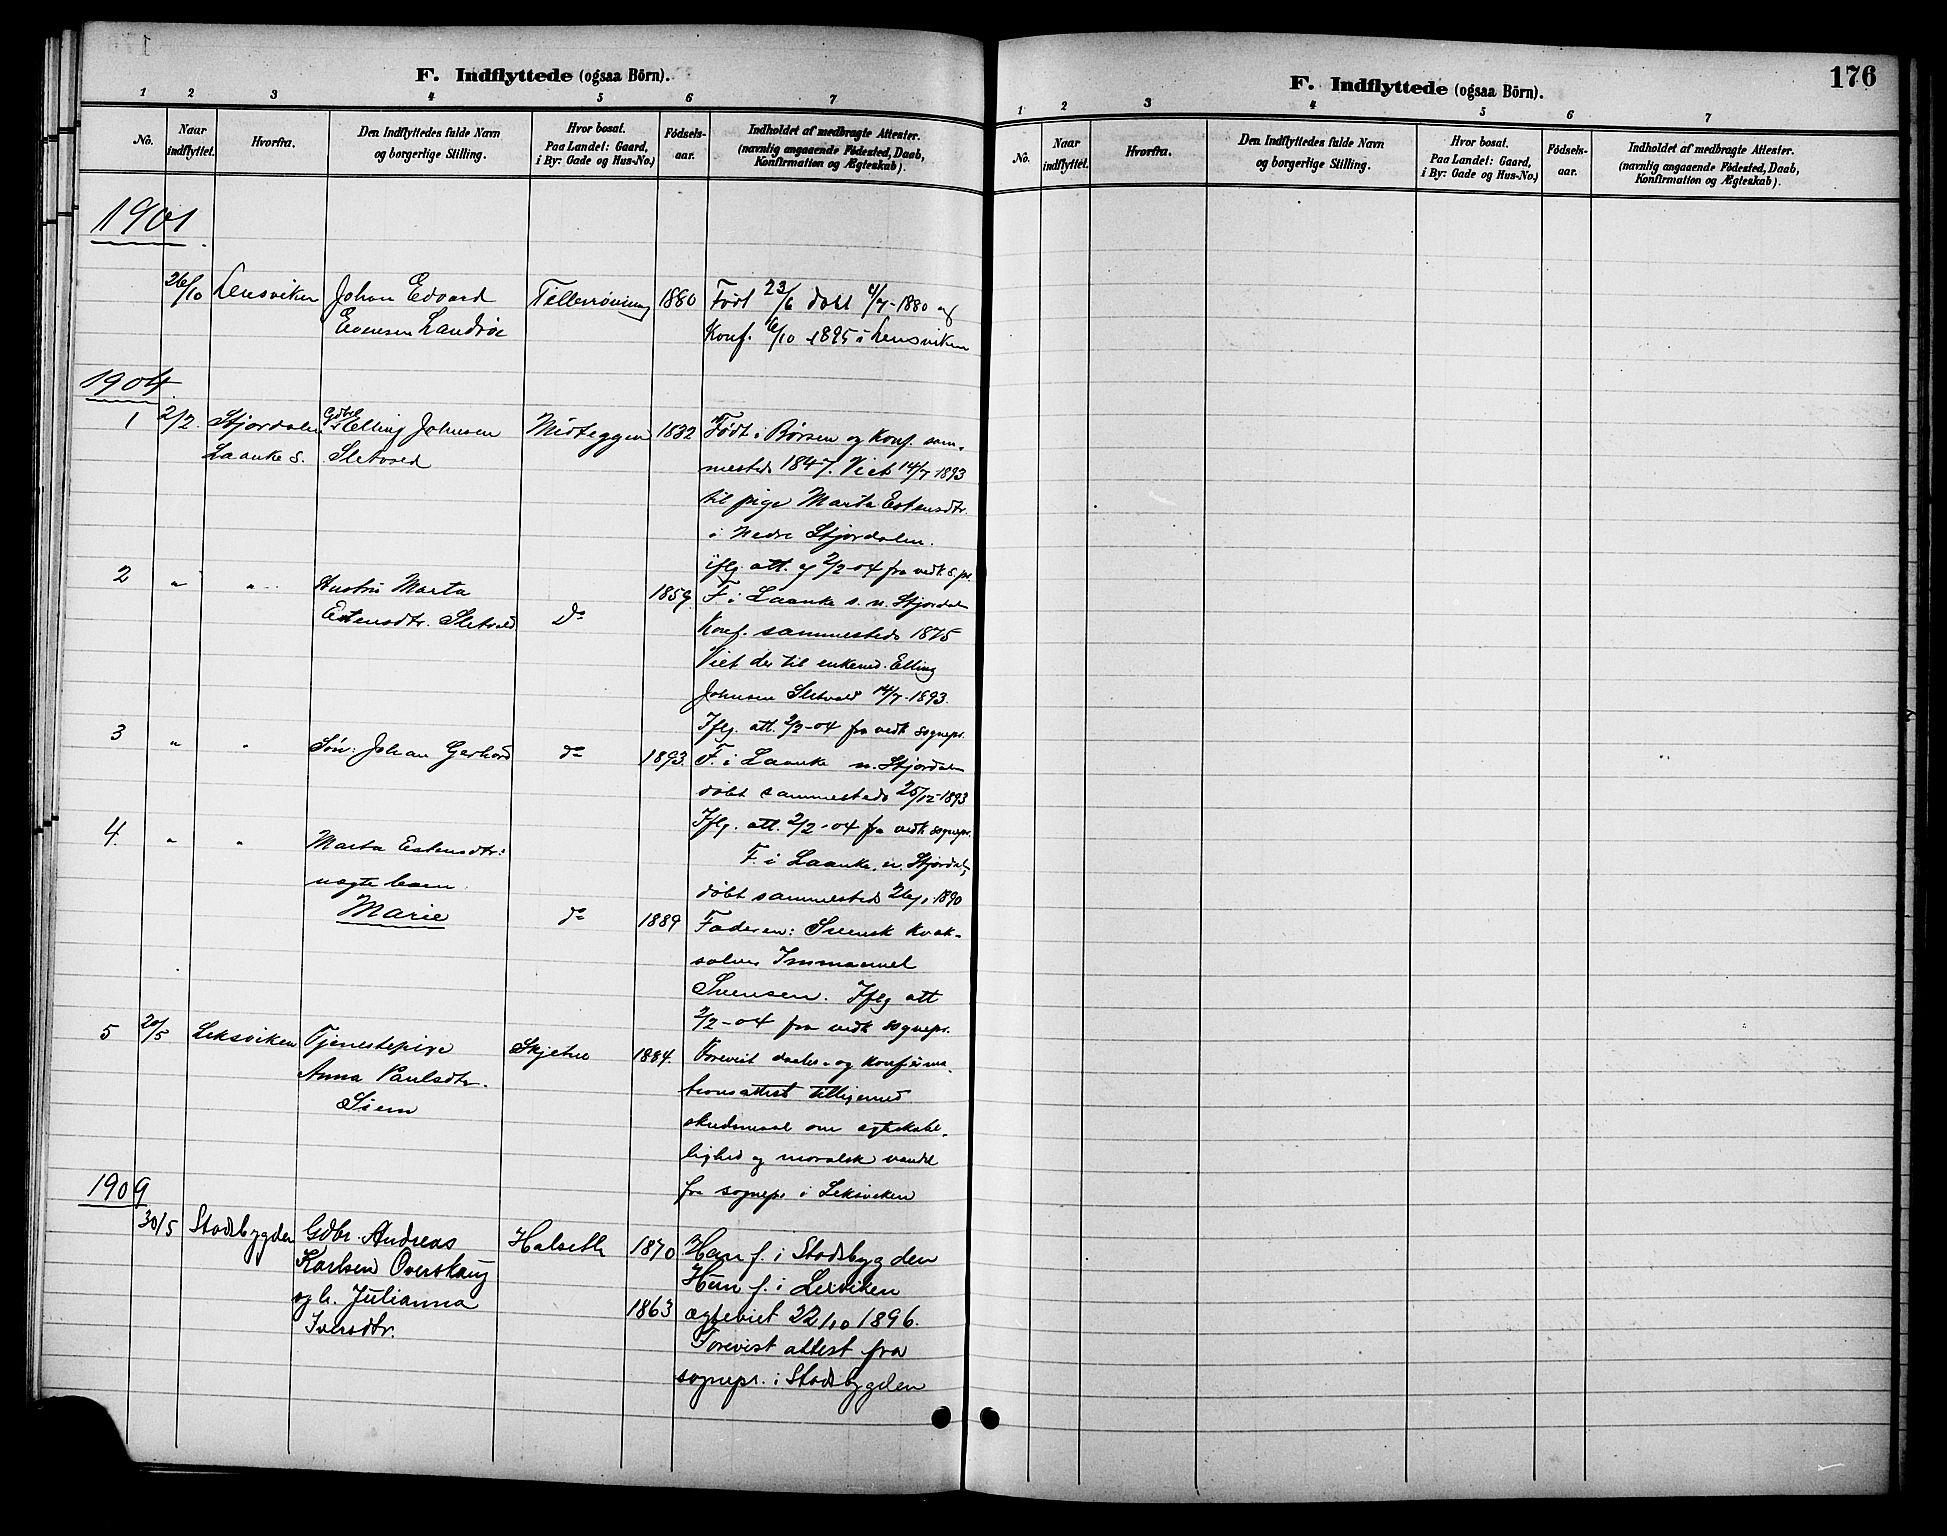 SAT, Ministerialprotokoller, klokkerbøker og fødselsregistre - Sør-Trøndelag, 621/L0460: Klokkerbok nr. 621C03, 1896-1914, s. 176